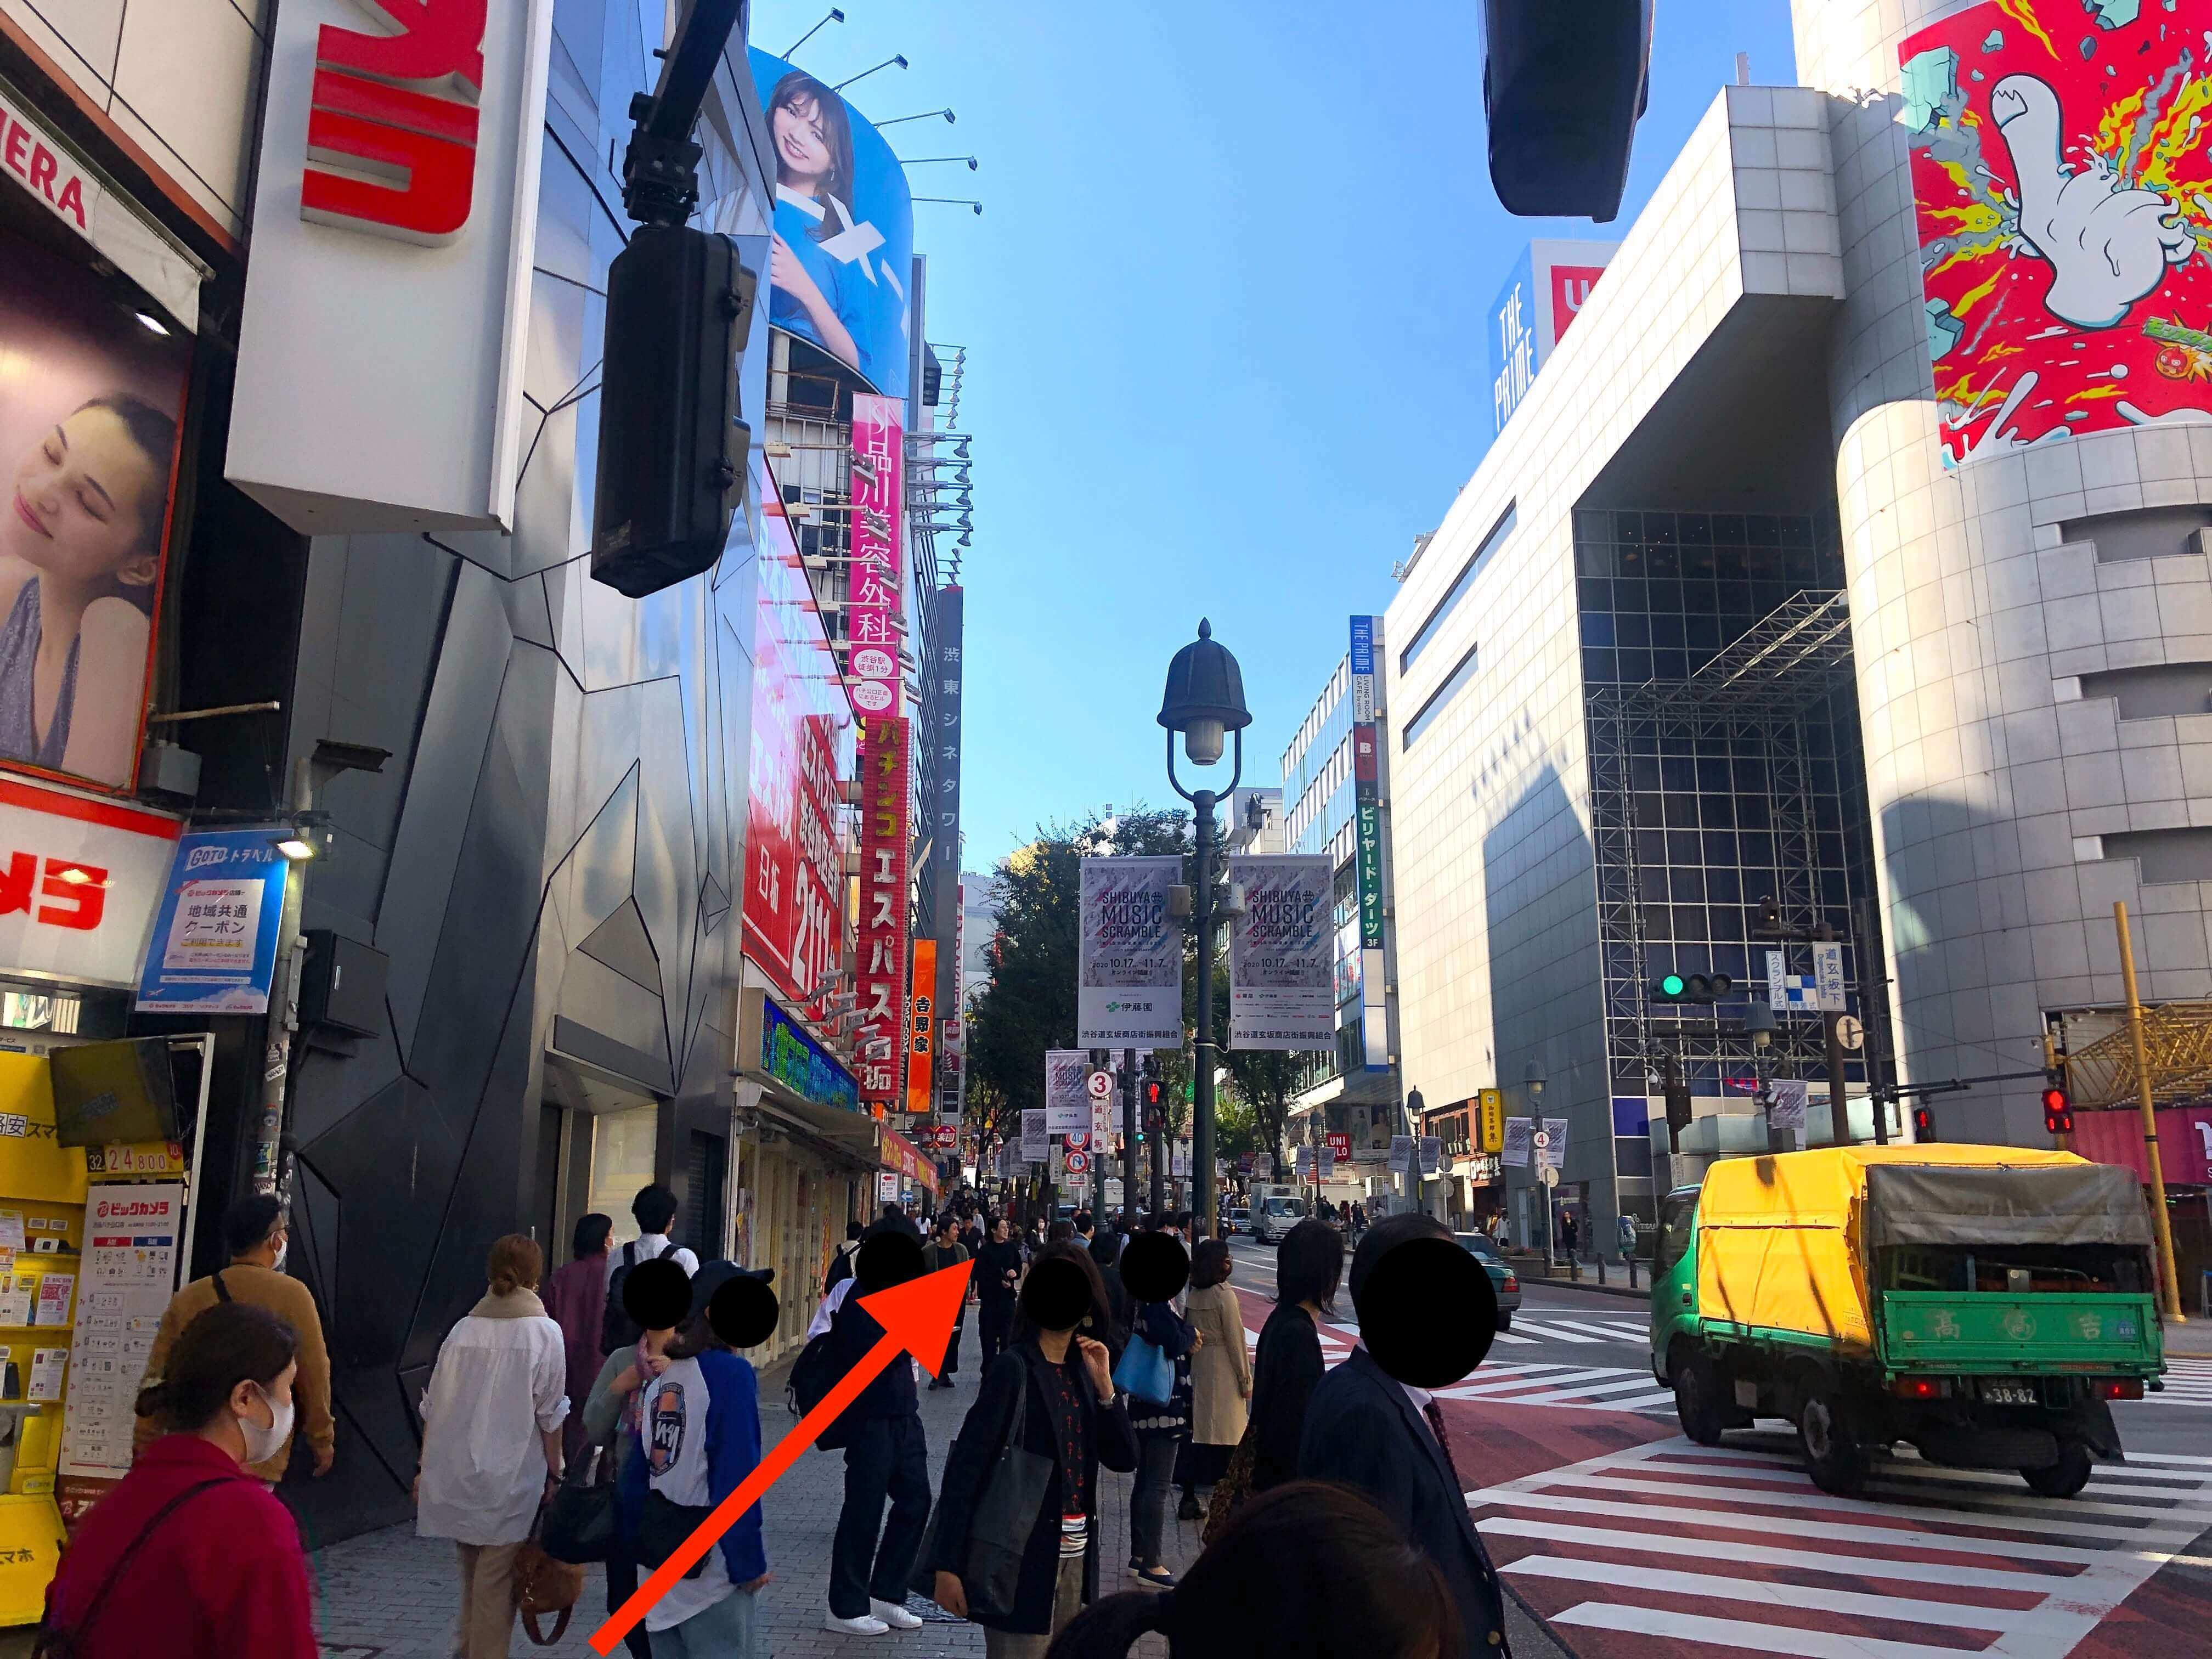 JR渋谷駅ハチ公出口から行き方3